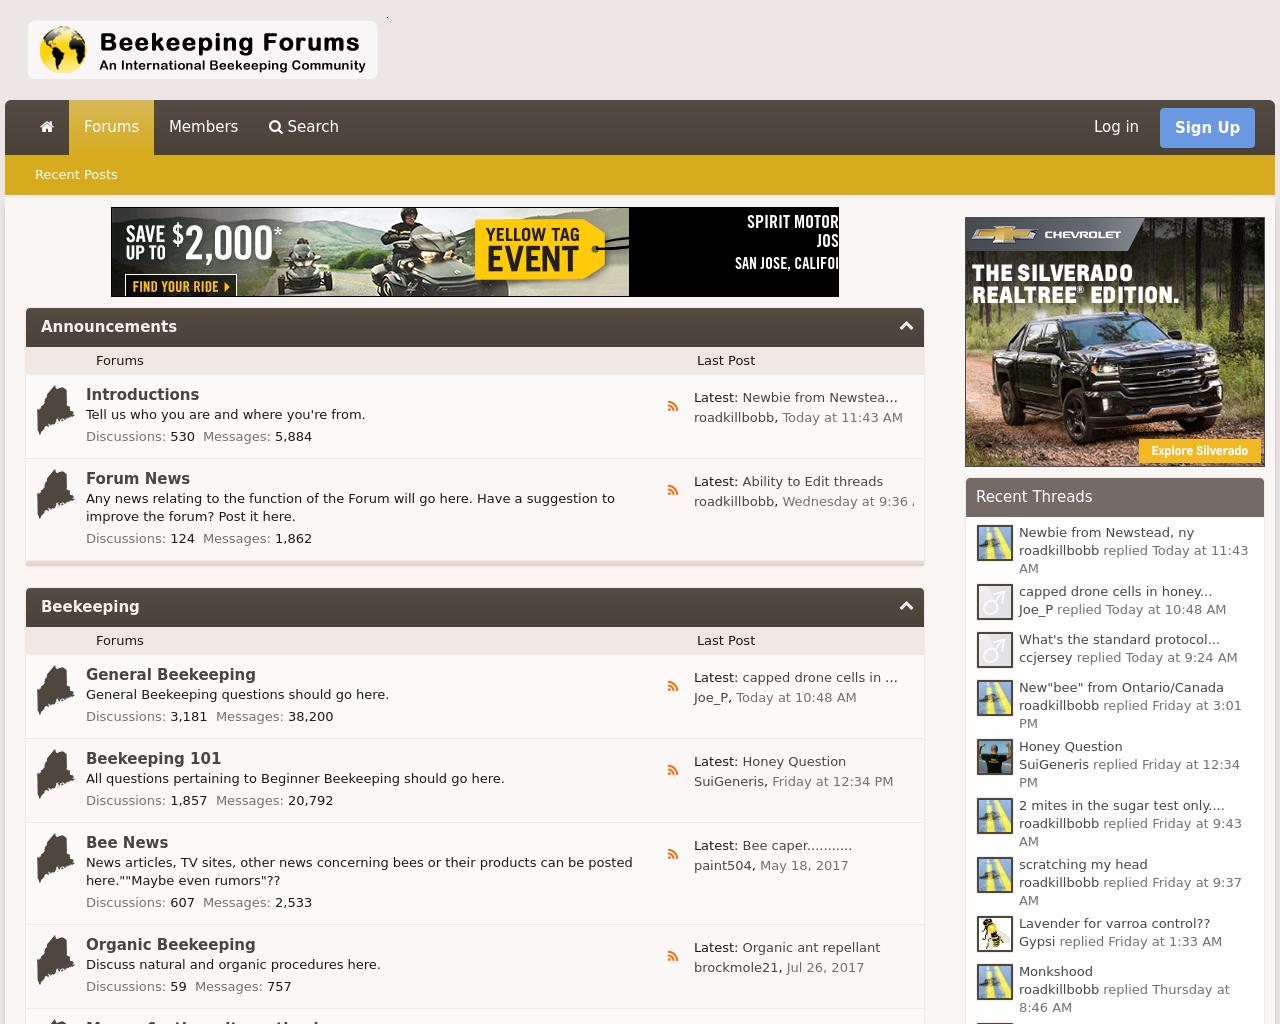 Beekeeping-Forums-Advertising-Reviews-Pricing